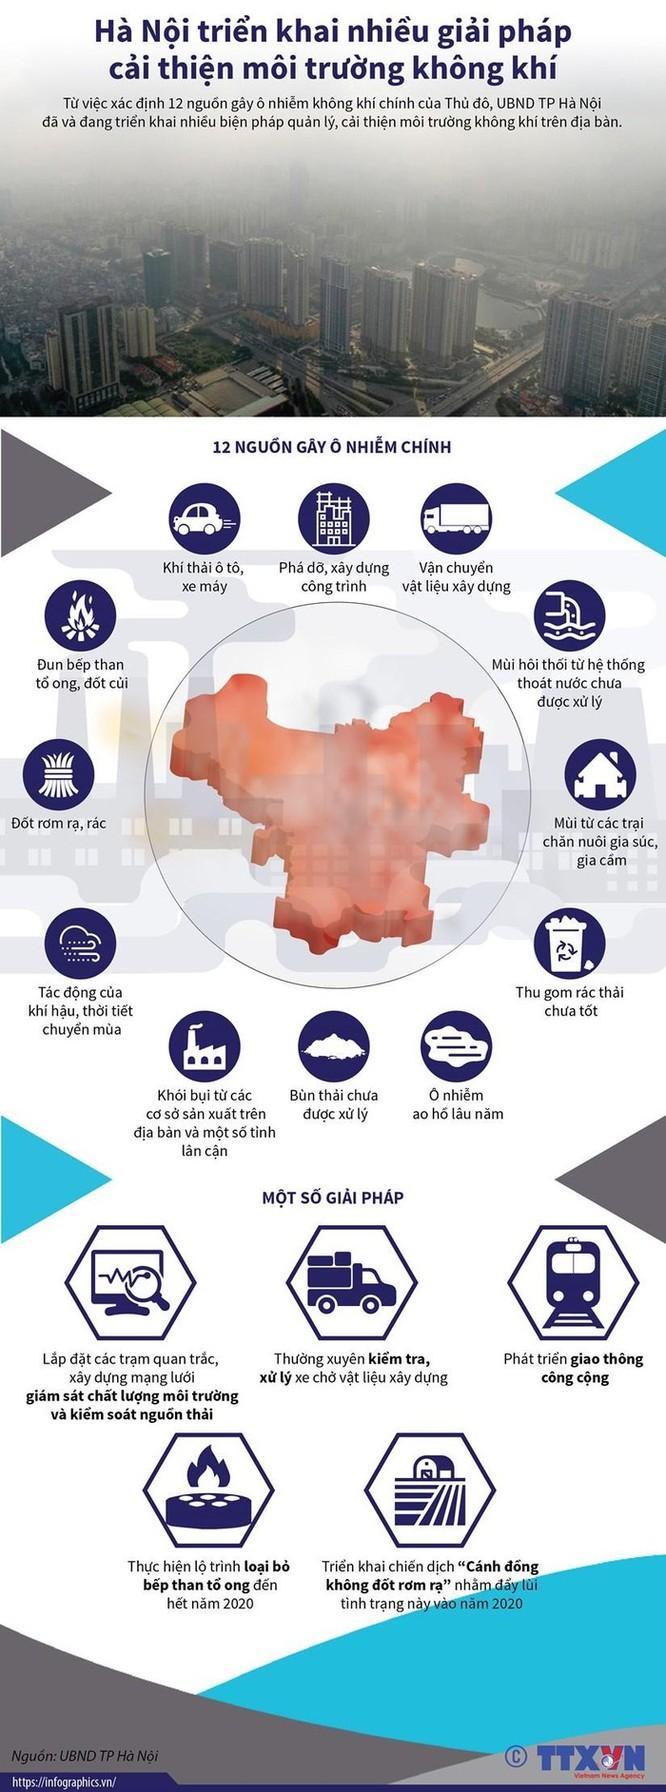 Hà Nội triển khai nhiều giải pháp cải thiện môi trường không khí ảnh 1